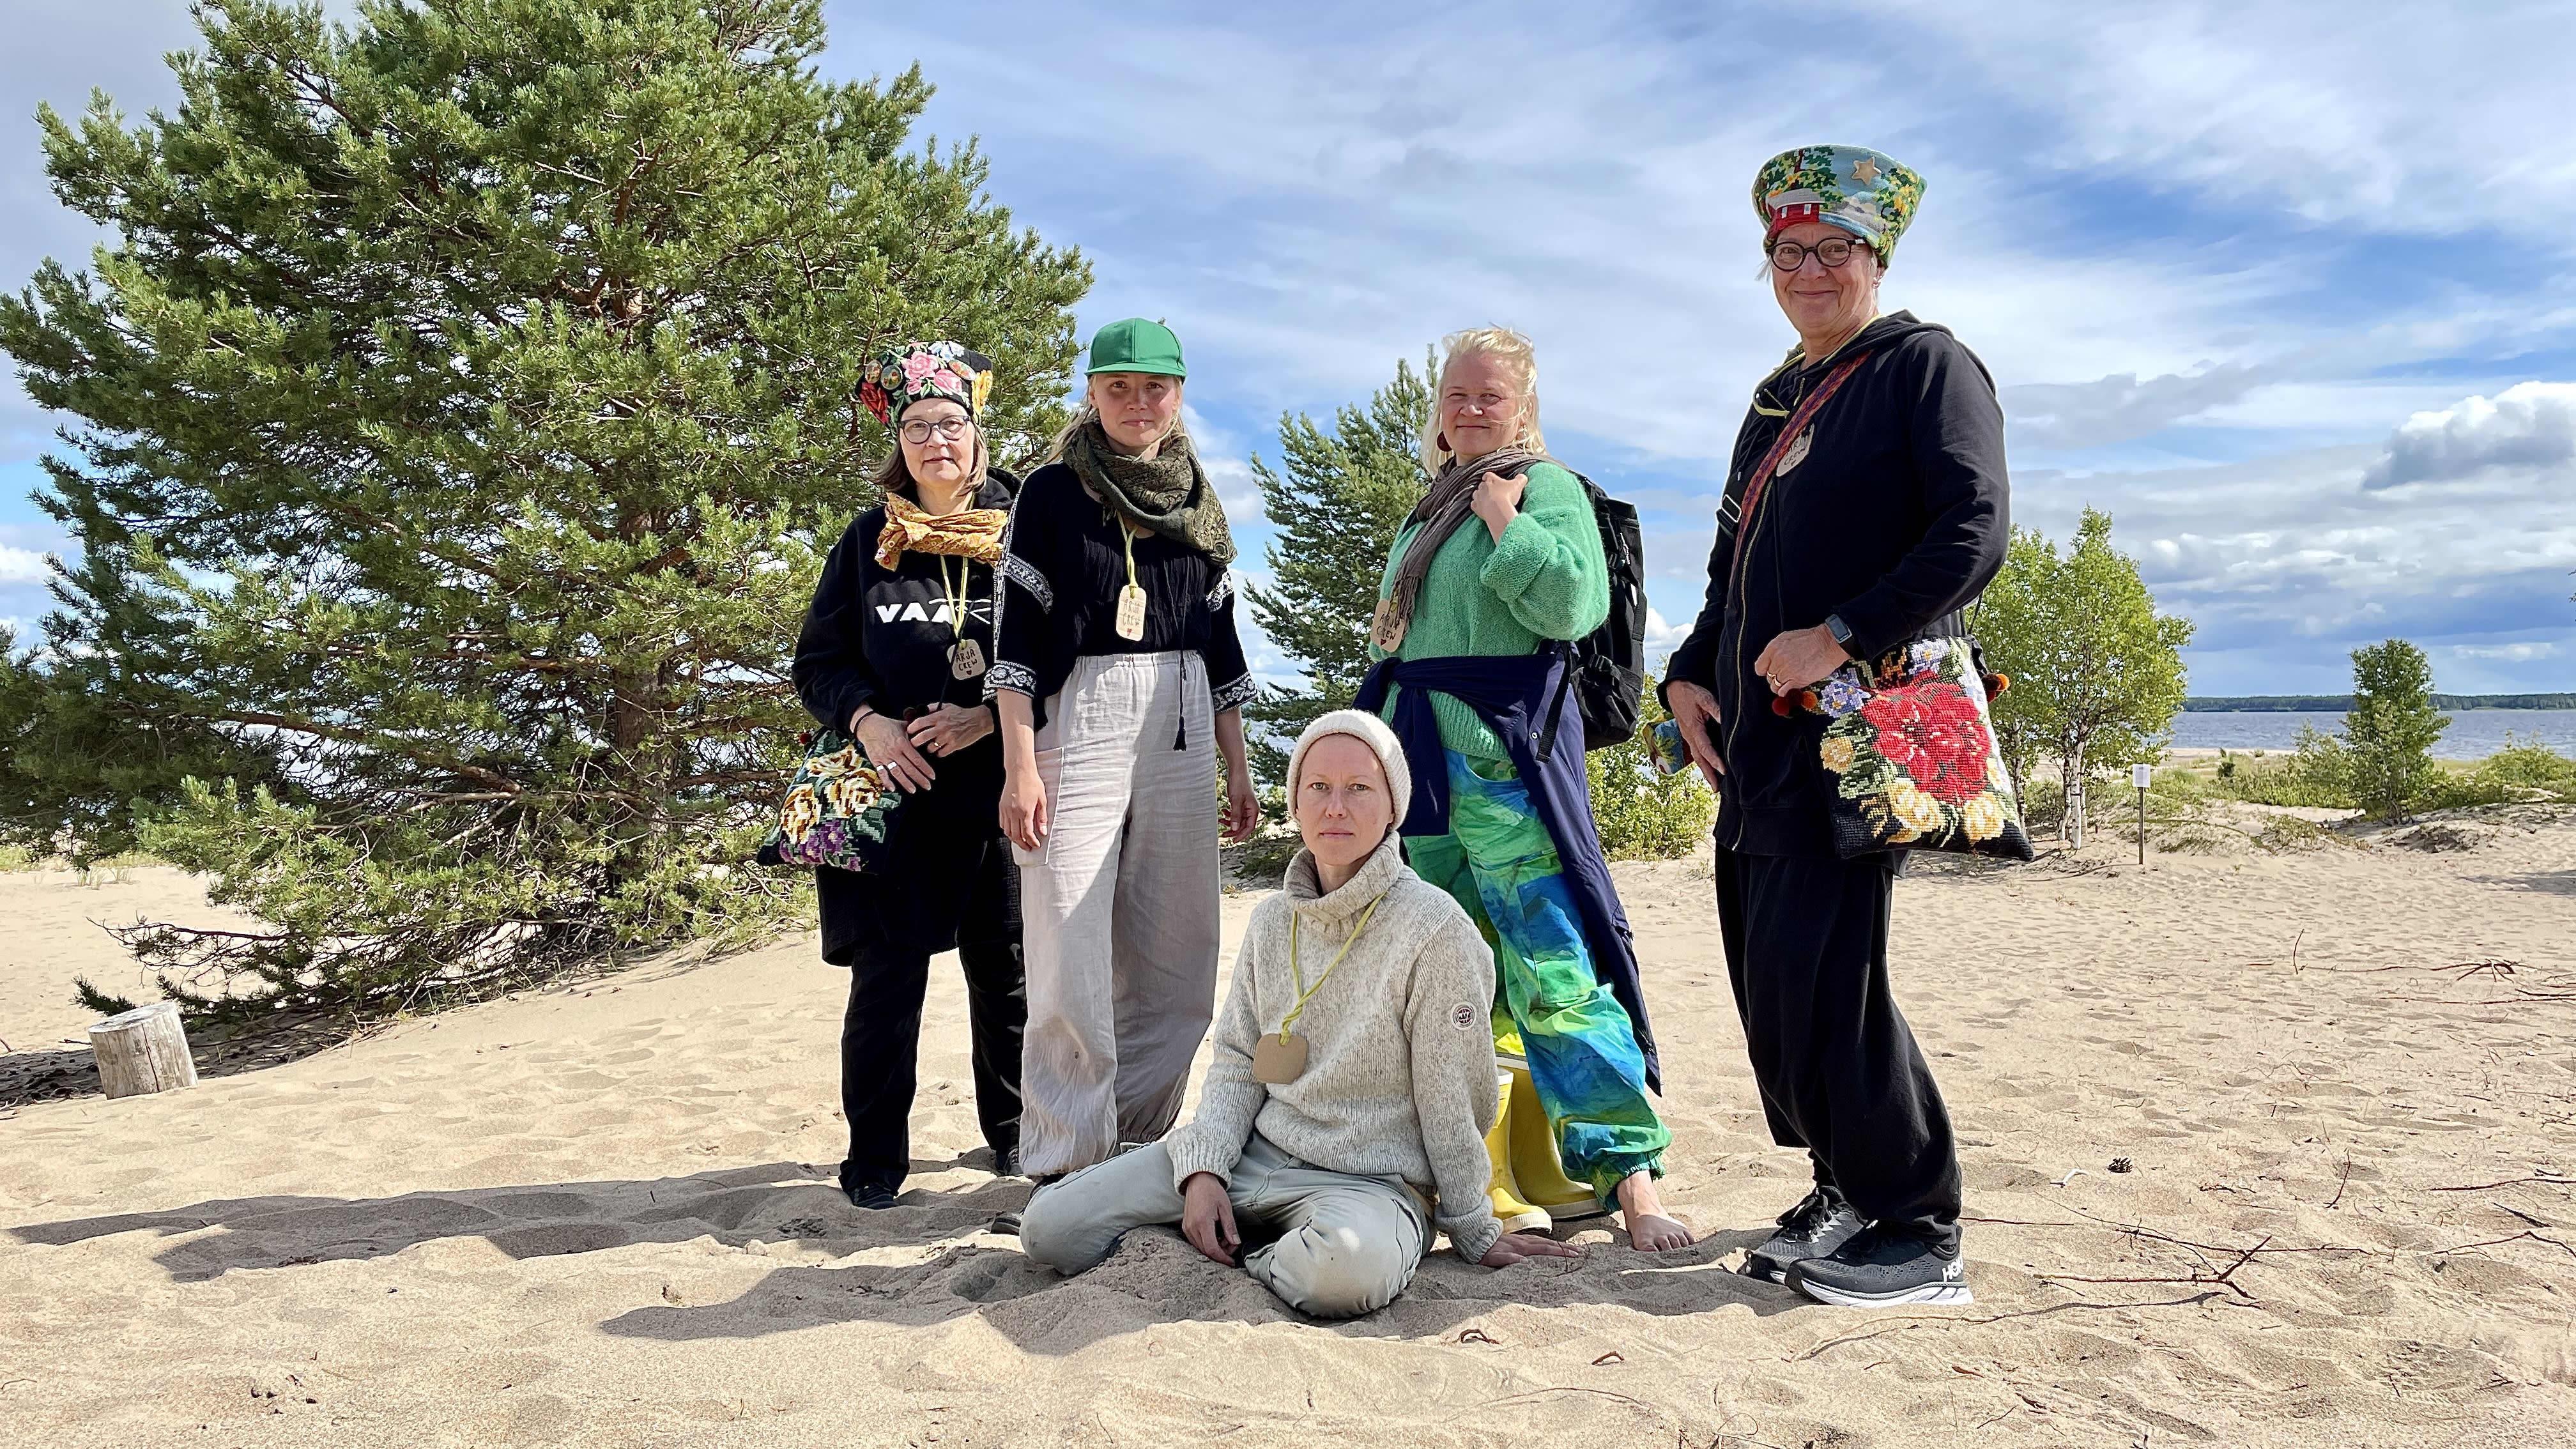 Ärjän taidefestivaalin tuottajat Sara Saxholm ja Elsa Lankinen sekä festivaalille yhden taideinstallaation suunnitellut Saara Hannula ja osallistavan työpajan, Muorien taidekässämajan vetäjät Piki Paananen ja Soile Savela Ärjässä rannalla.